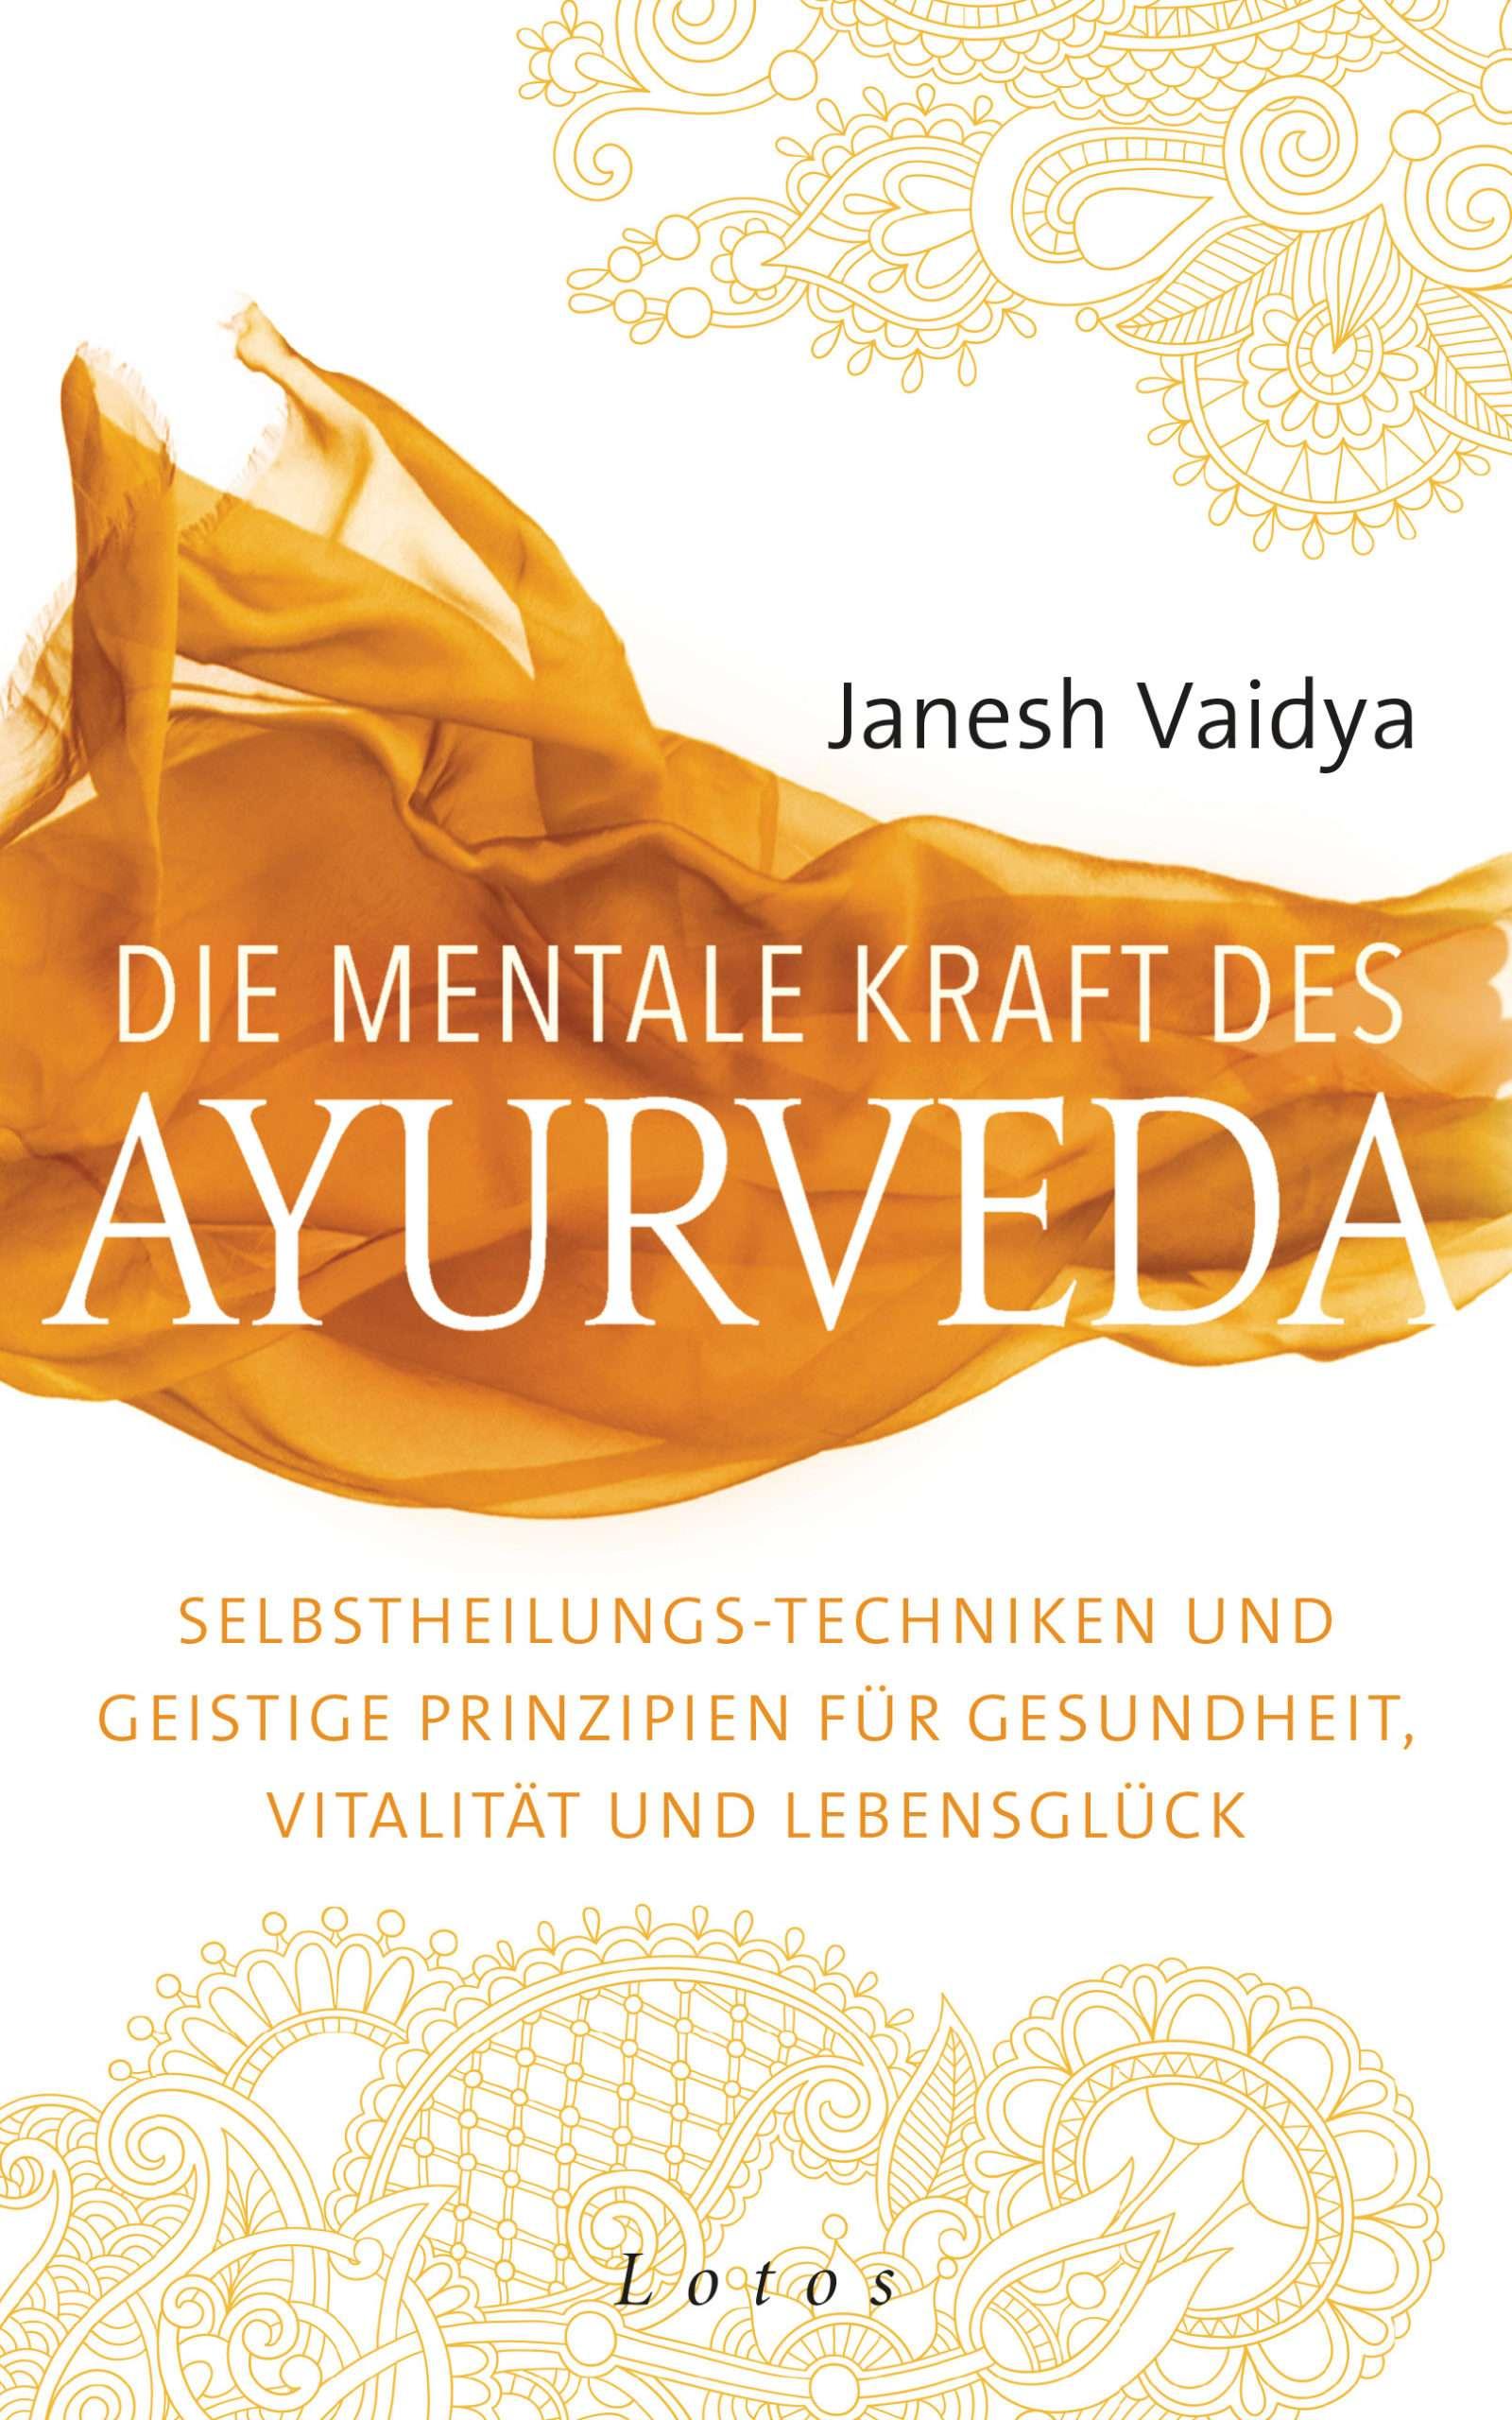 """""""Die mentale Kraft des Ayurveda"""" von Janesh Vaidya © Lotos Yogannetteblog.de"""